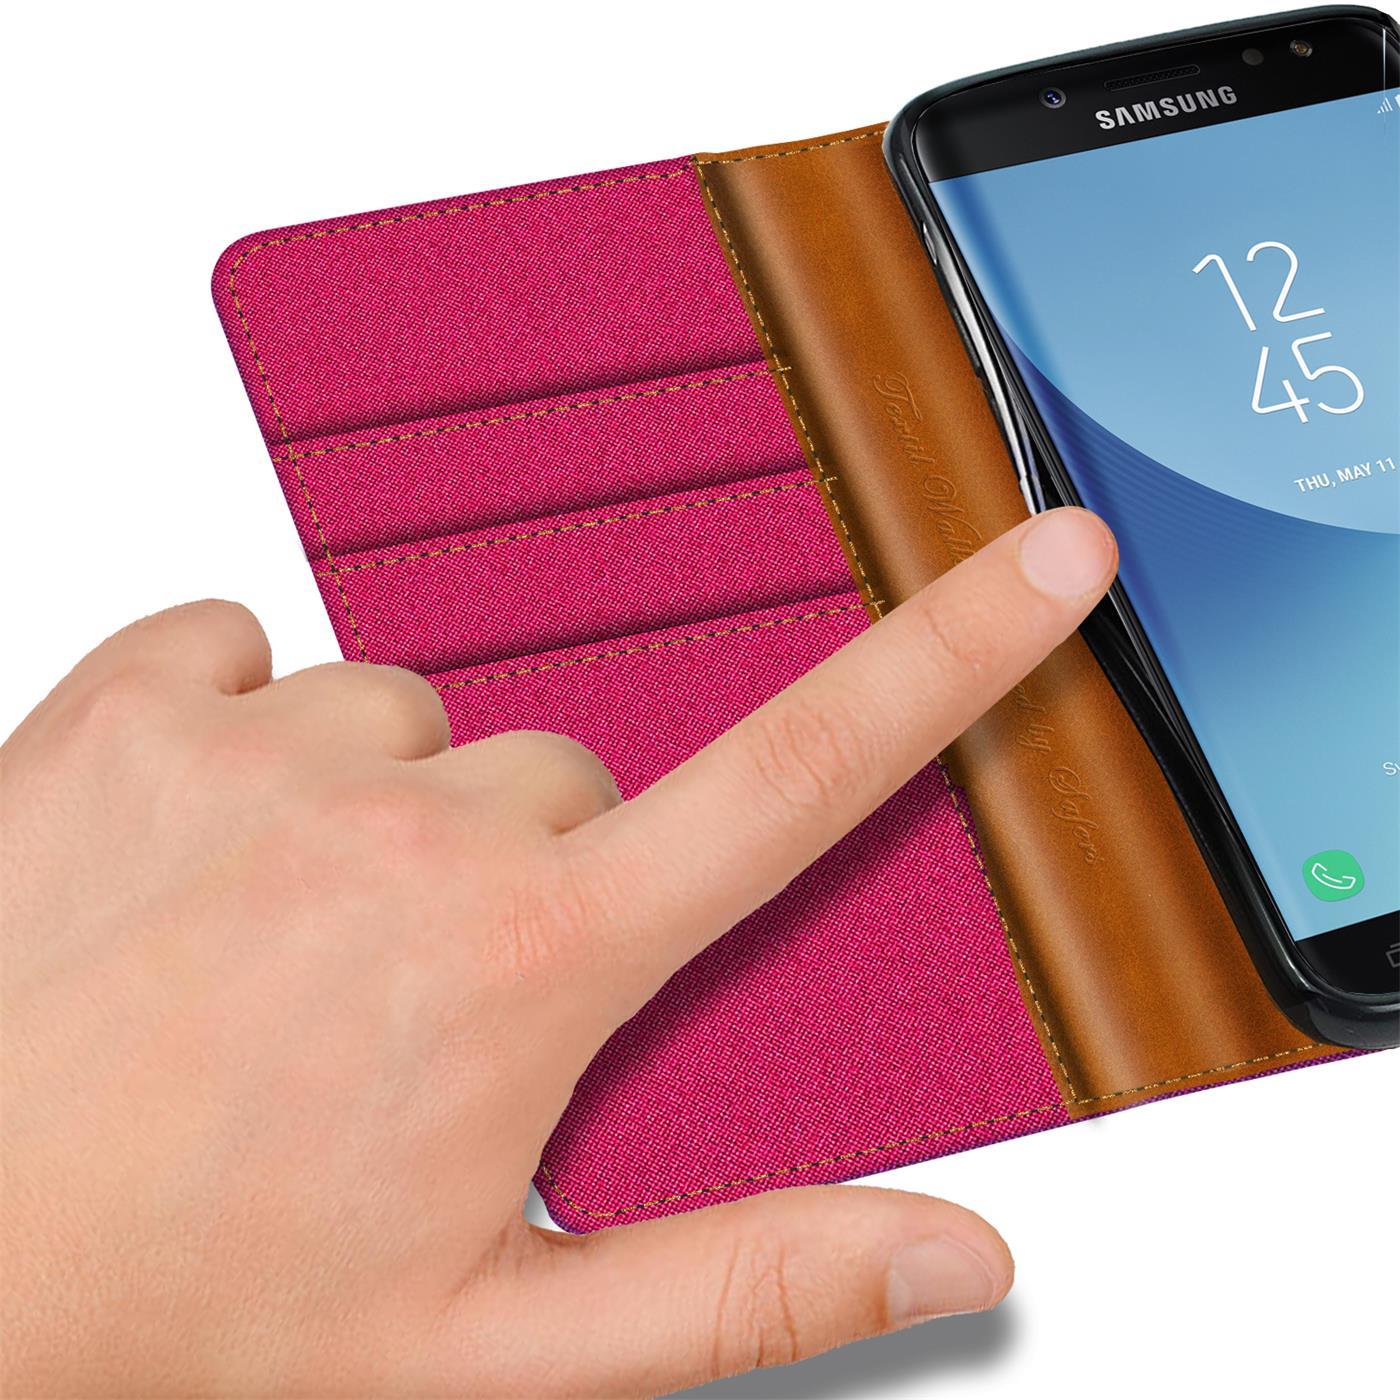 Indexbild 13 - Handy Hülle für Samsung Galaxy J3 2017 Tasche Etui Flip Case Schutz Hülle Cover